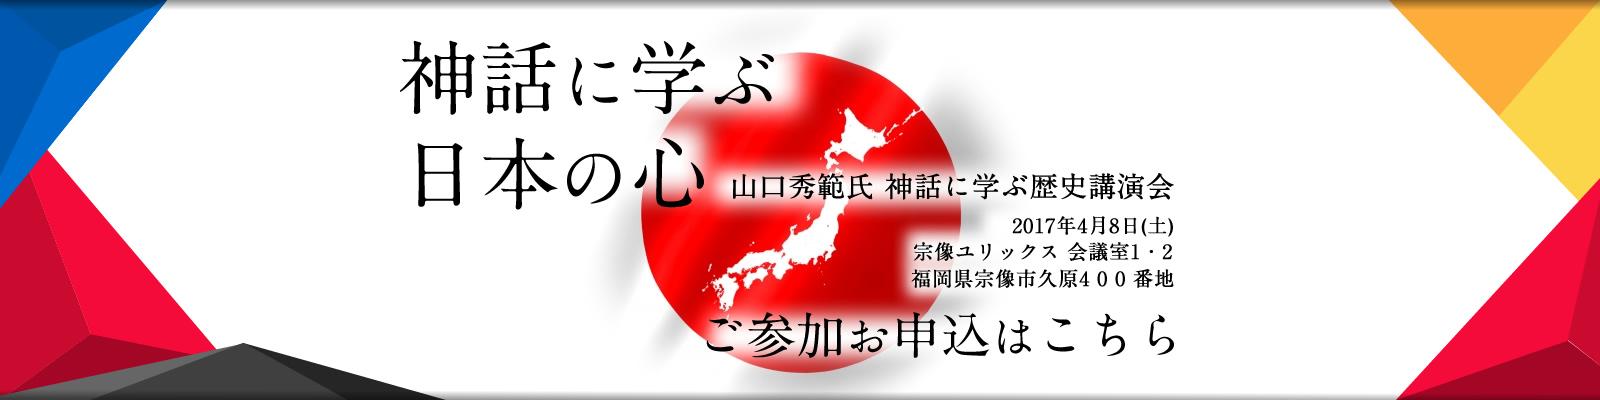 山口秀範氏 神話に学ぶ歴史講演会」